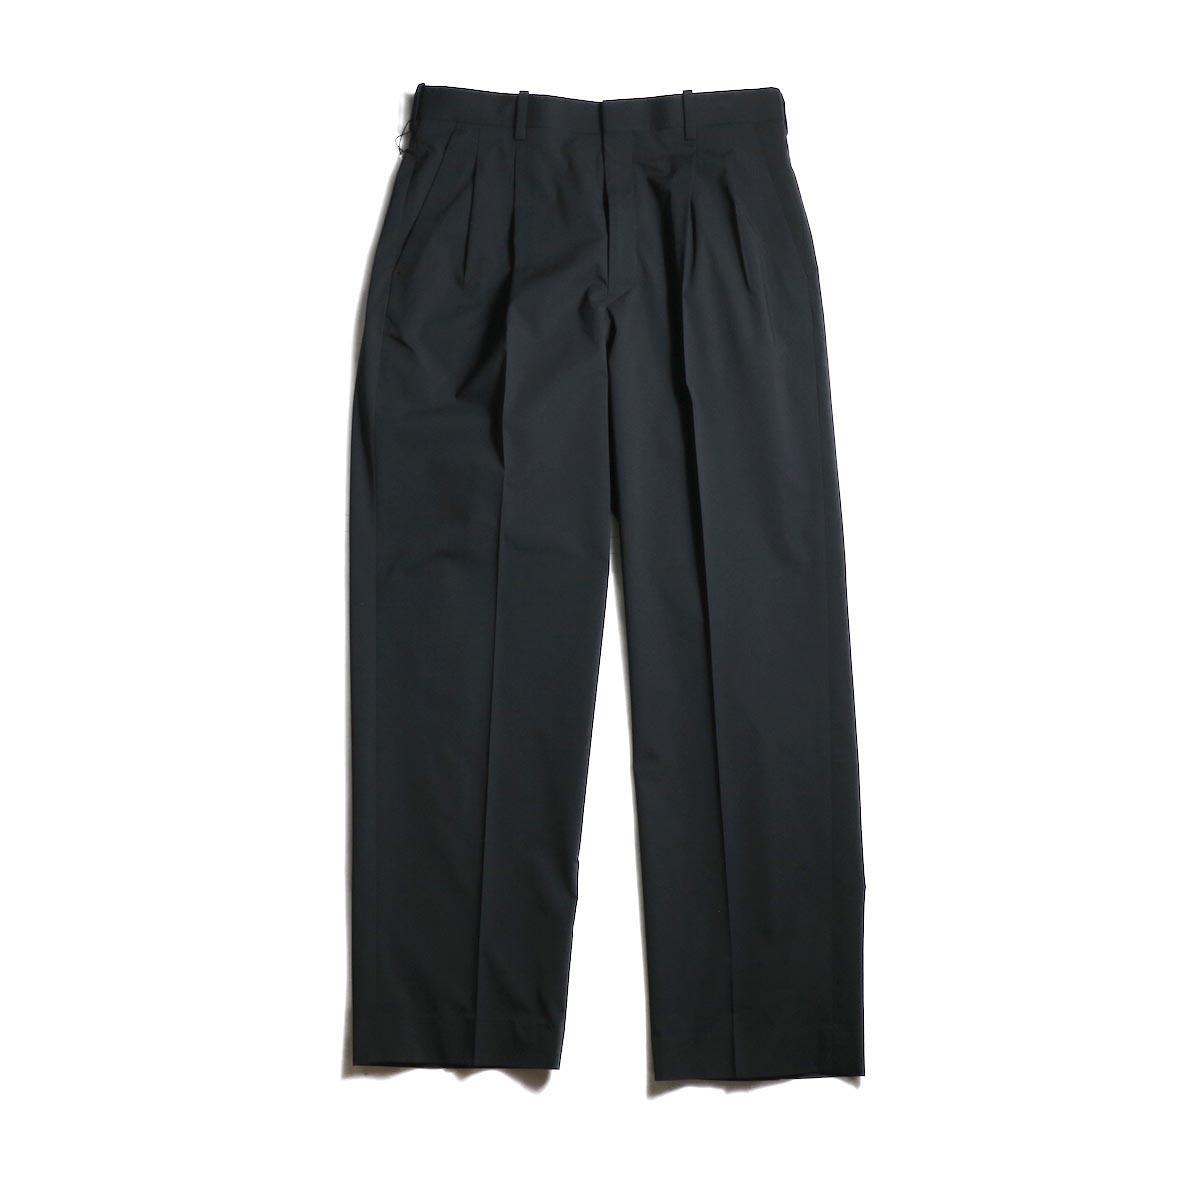 N.HOOLYWOOD / 1201-PT11-031 2Tuck Tapered Slacks (Black)